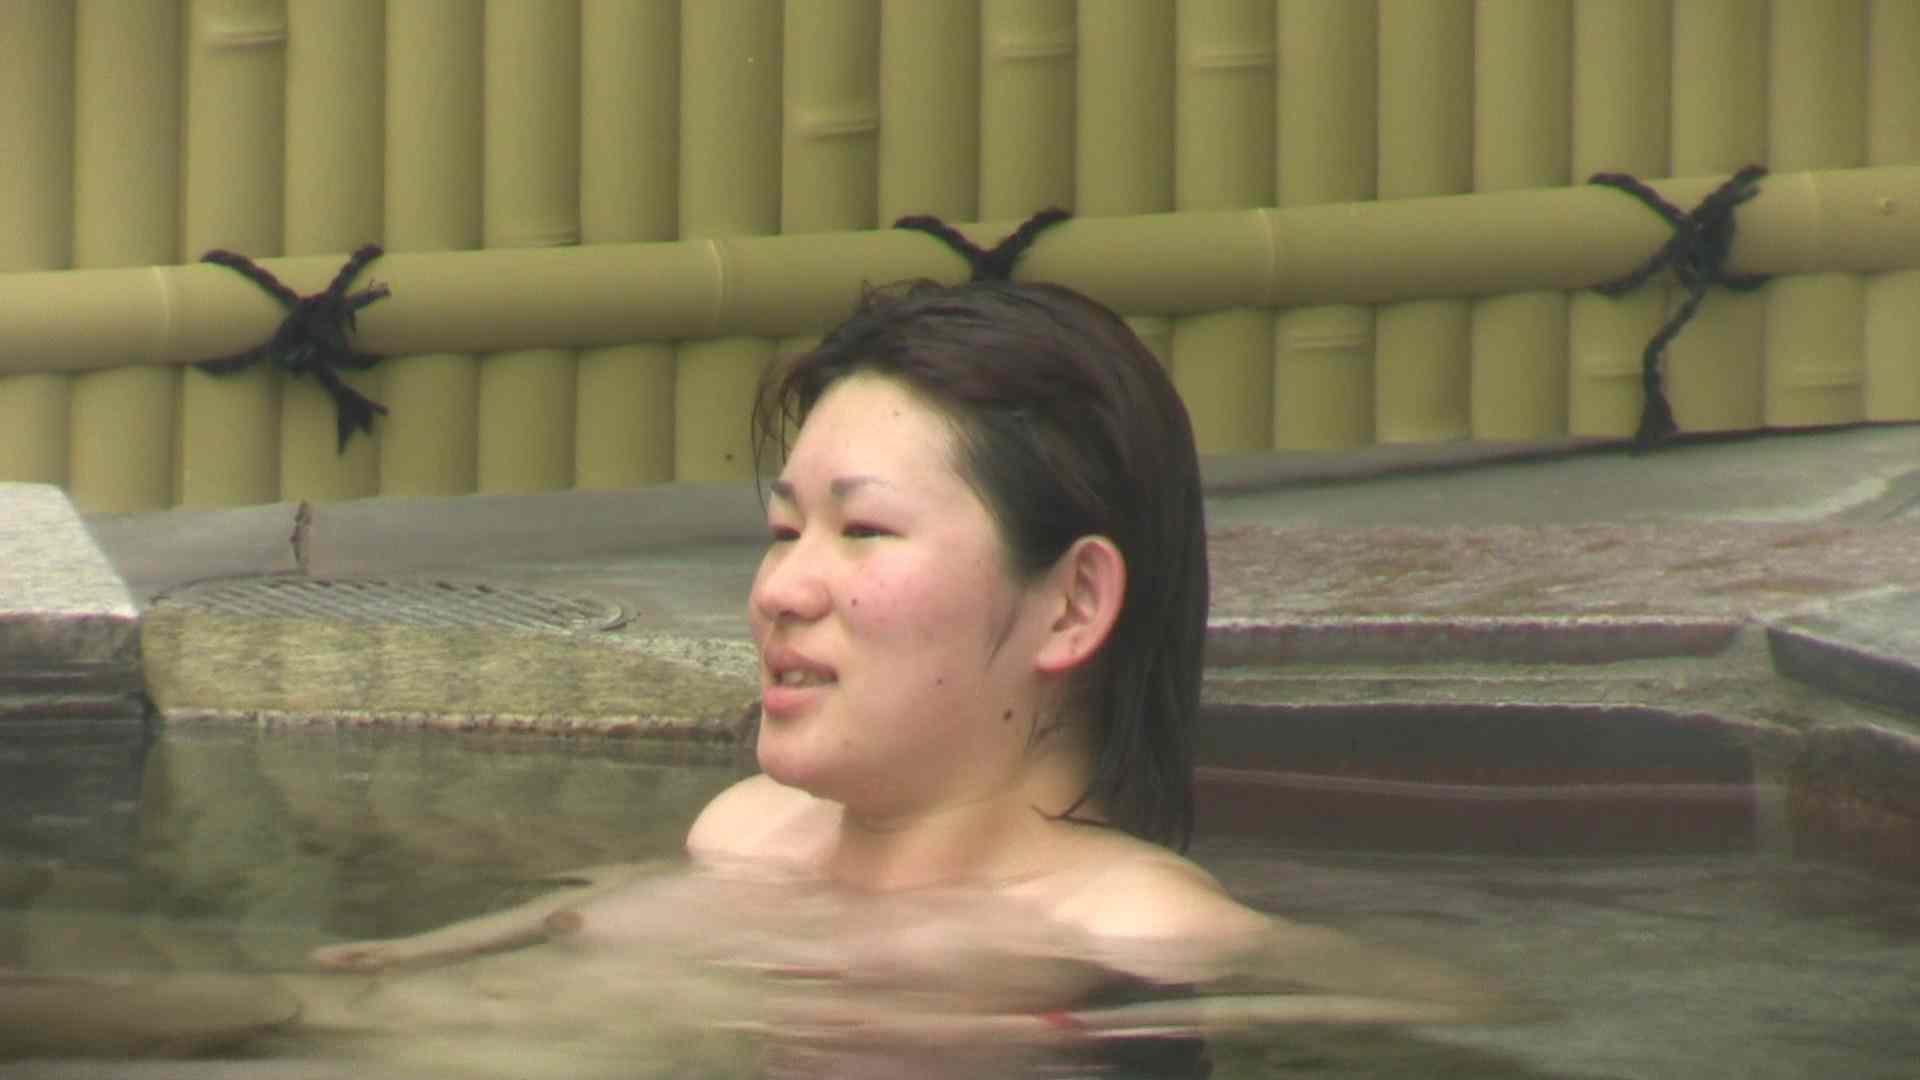 Aquaな露天風呂Vol.673 0   0  91pic 51